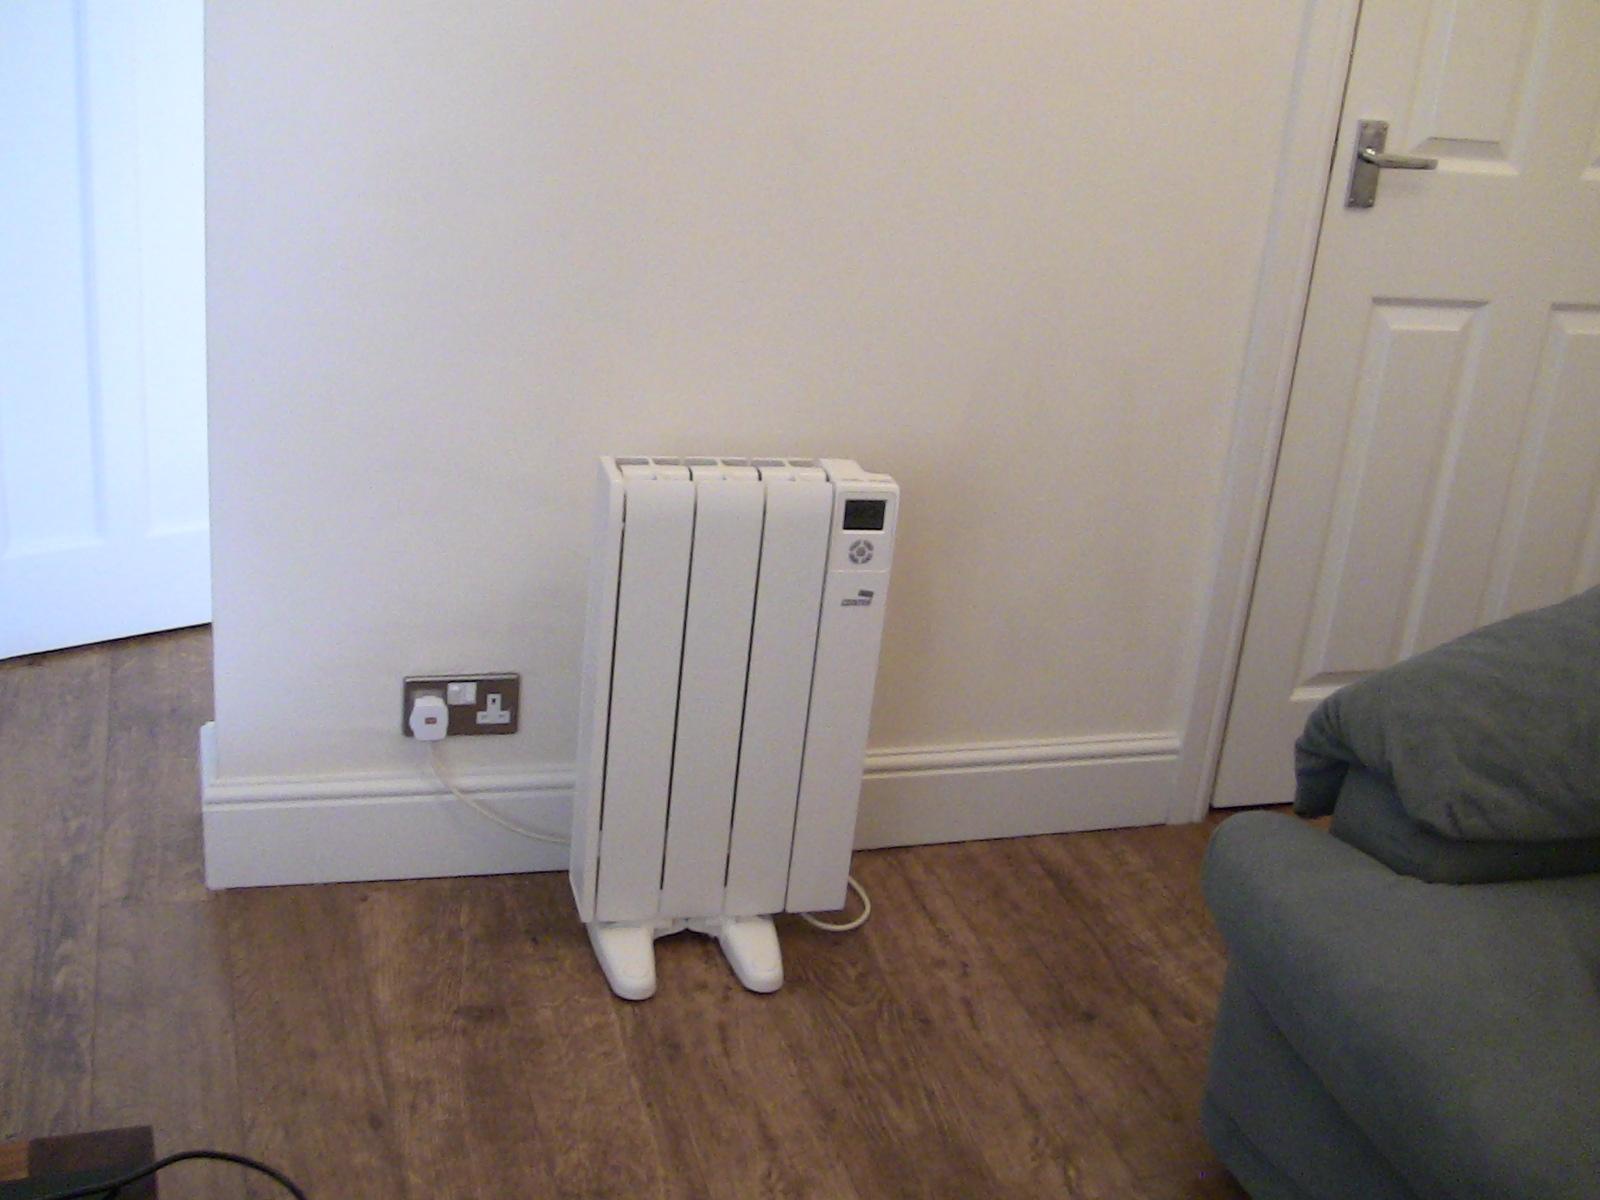 Precio gasoil calefaccion calderas de gas - Calefaccion electrica o gas ...